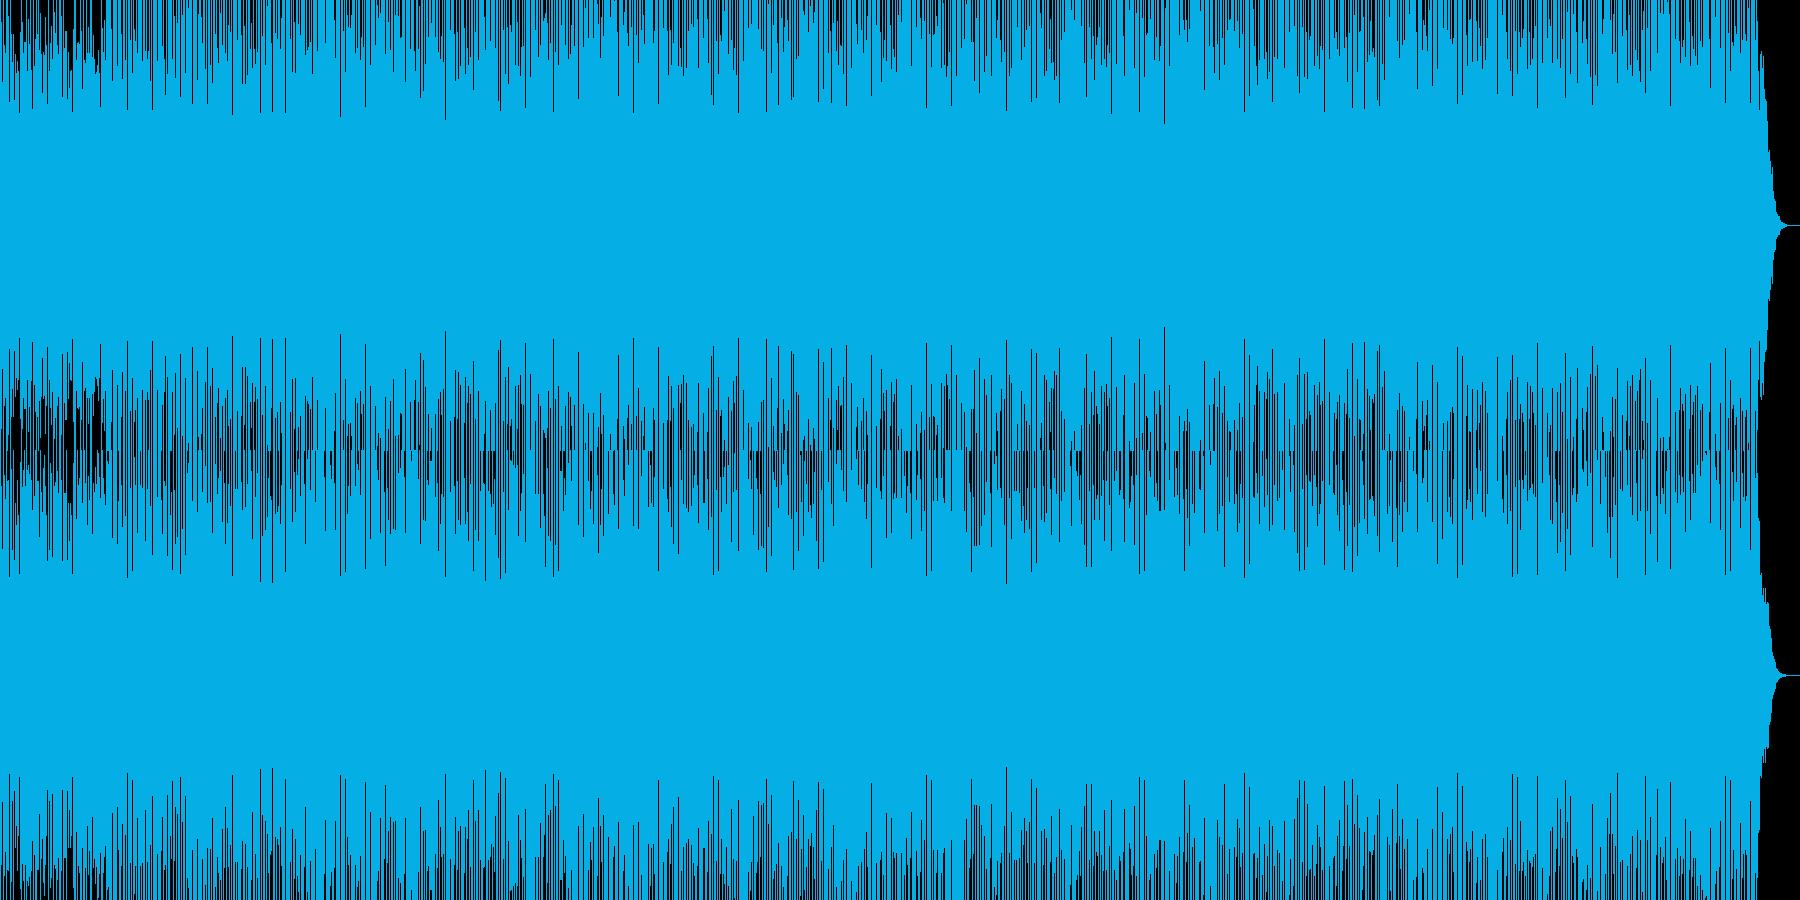 記憶の回想シーンに合いそうな物寂しい1曲の再生済みの波形